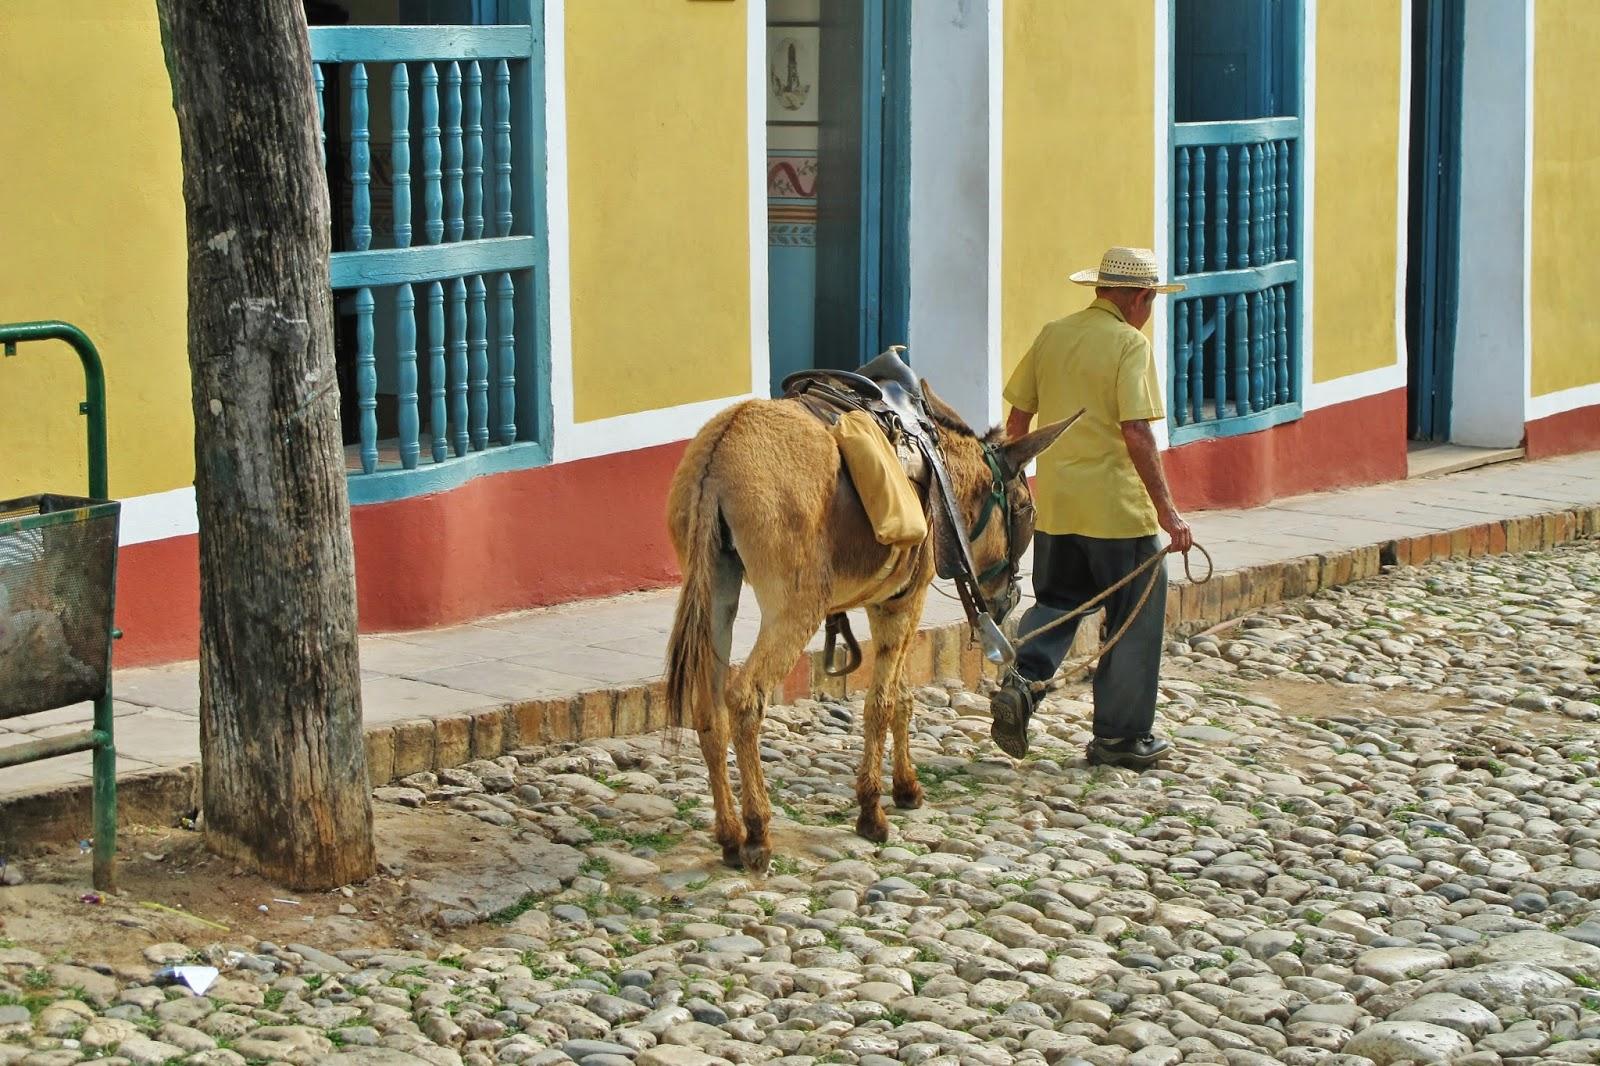 Nativo caminha pelas ruas do Centro histórico de Trinidad, em Cuba.